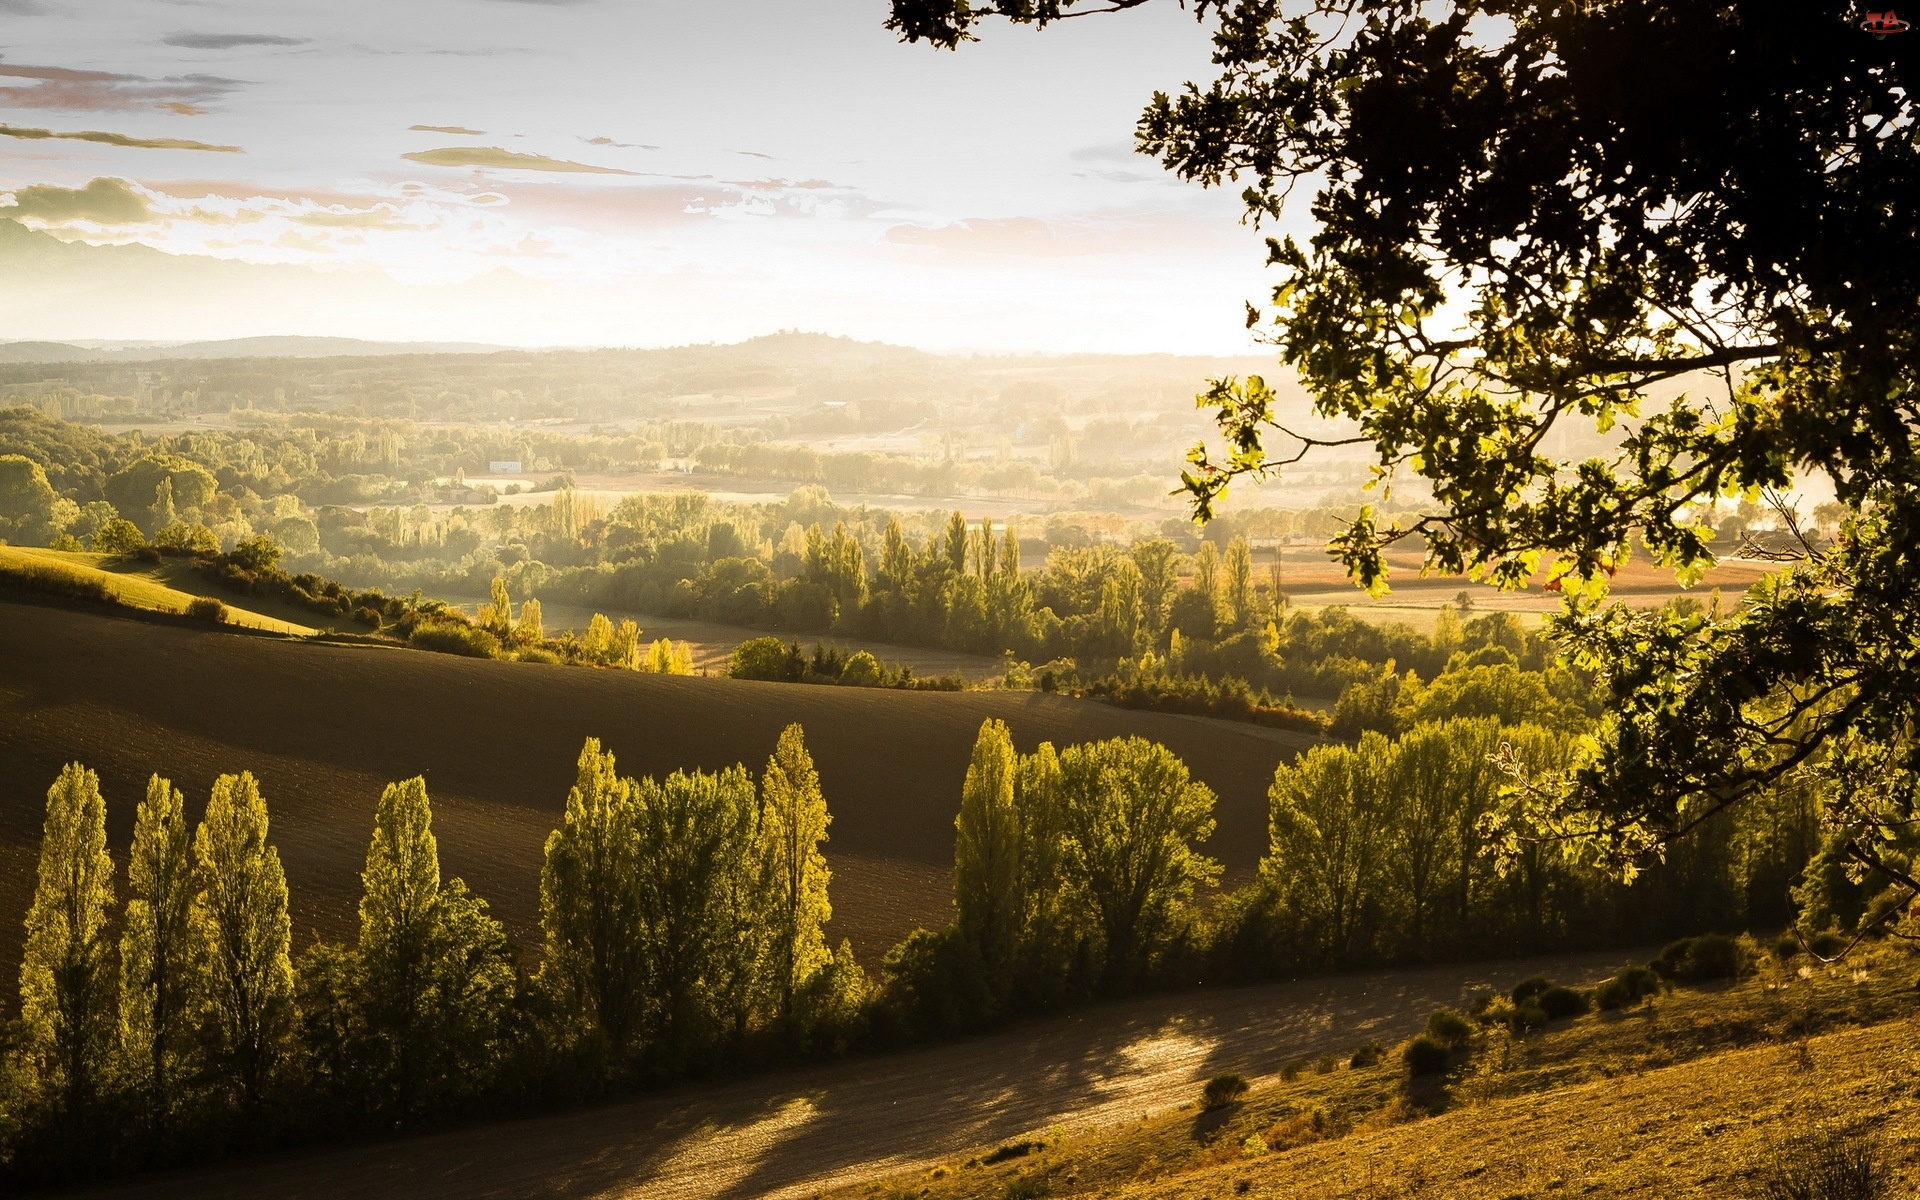 Pola, Panorama, Droga, Drzewa